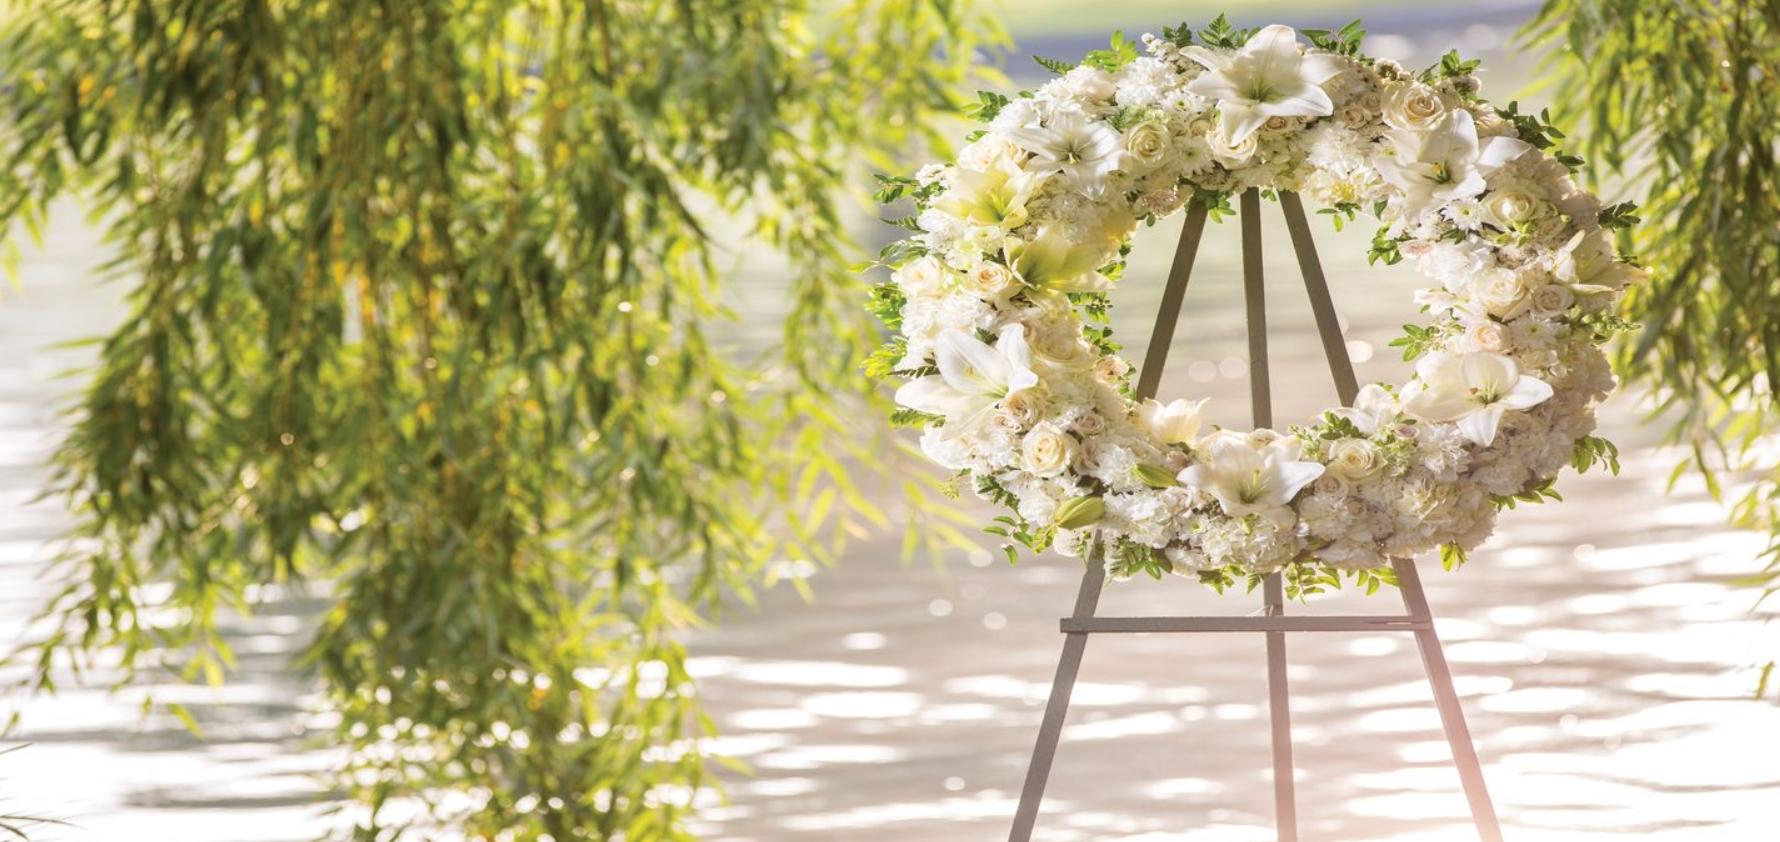 Cómo elegir arreglos florales para funerales 1